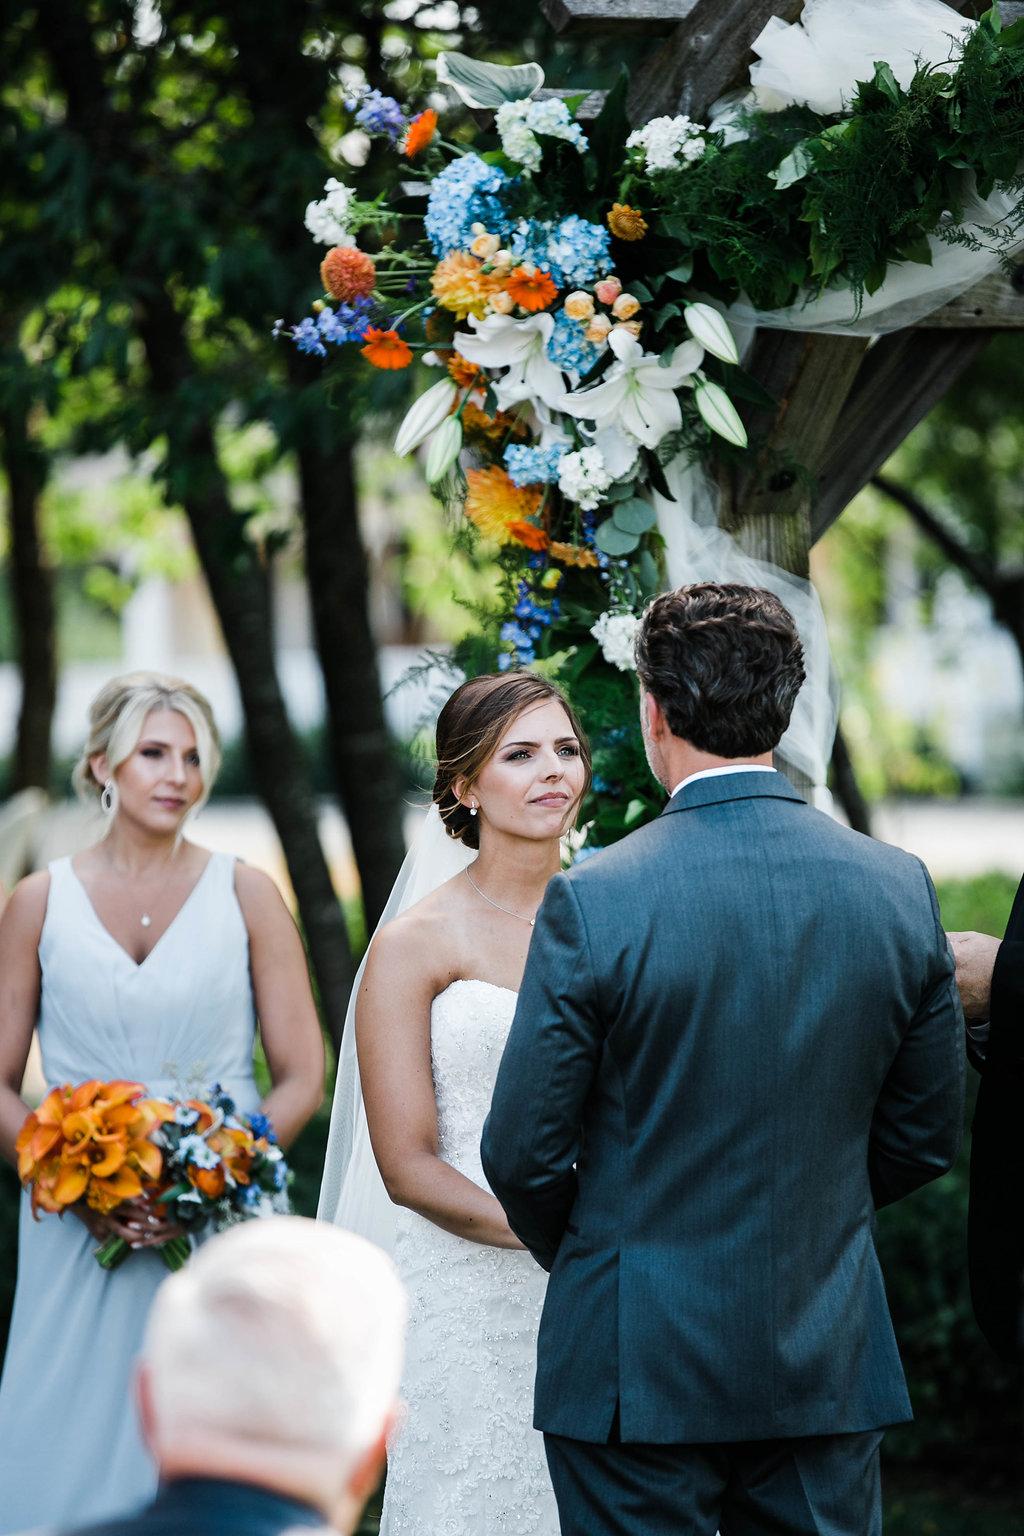 Erin+Tyson_The_Kelley_Farm_Wedding_by_Adina_Preston_Weddings_616.JPG